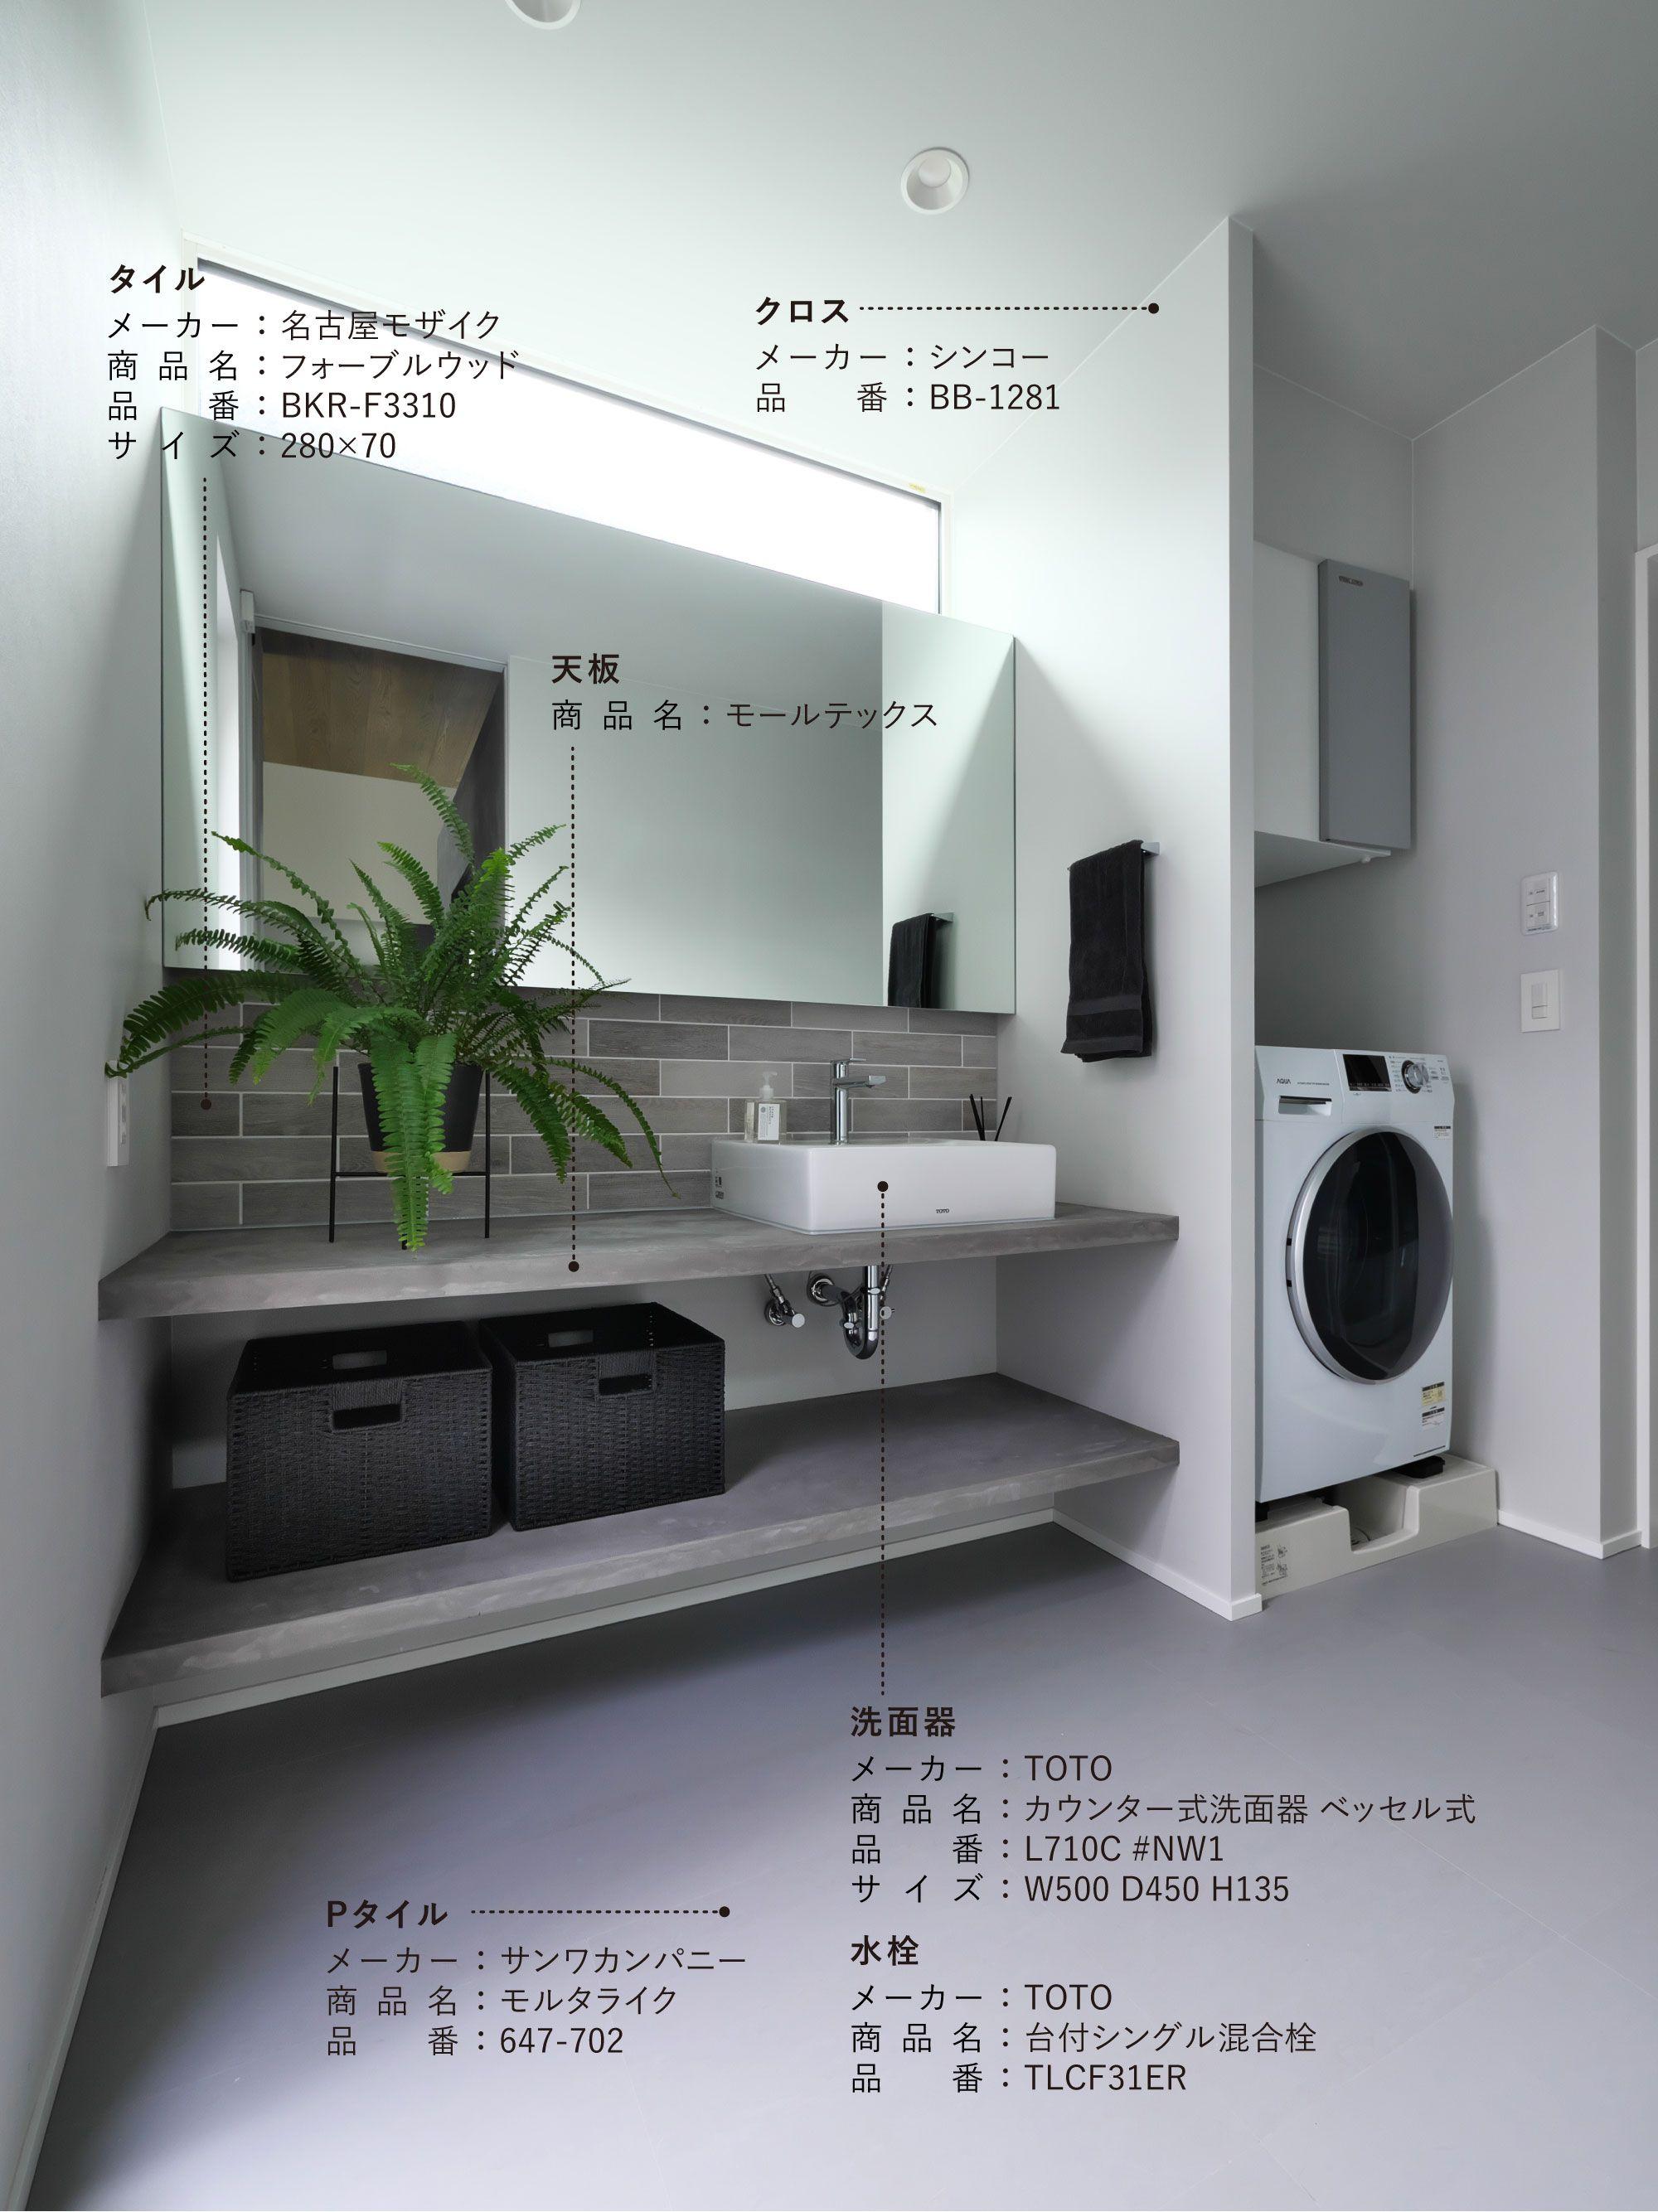 3帖の広さの洗面室 160cm幅の洗面カウンターと洗濯機 換気システムを